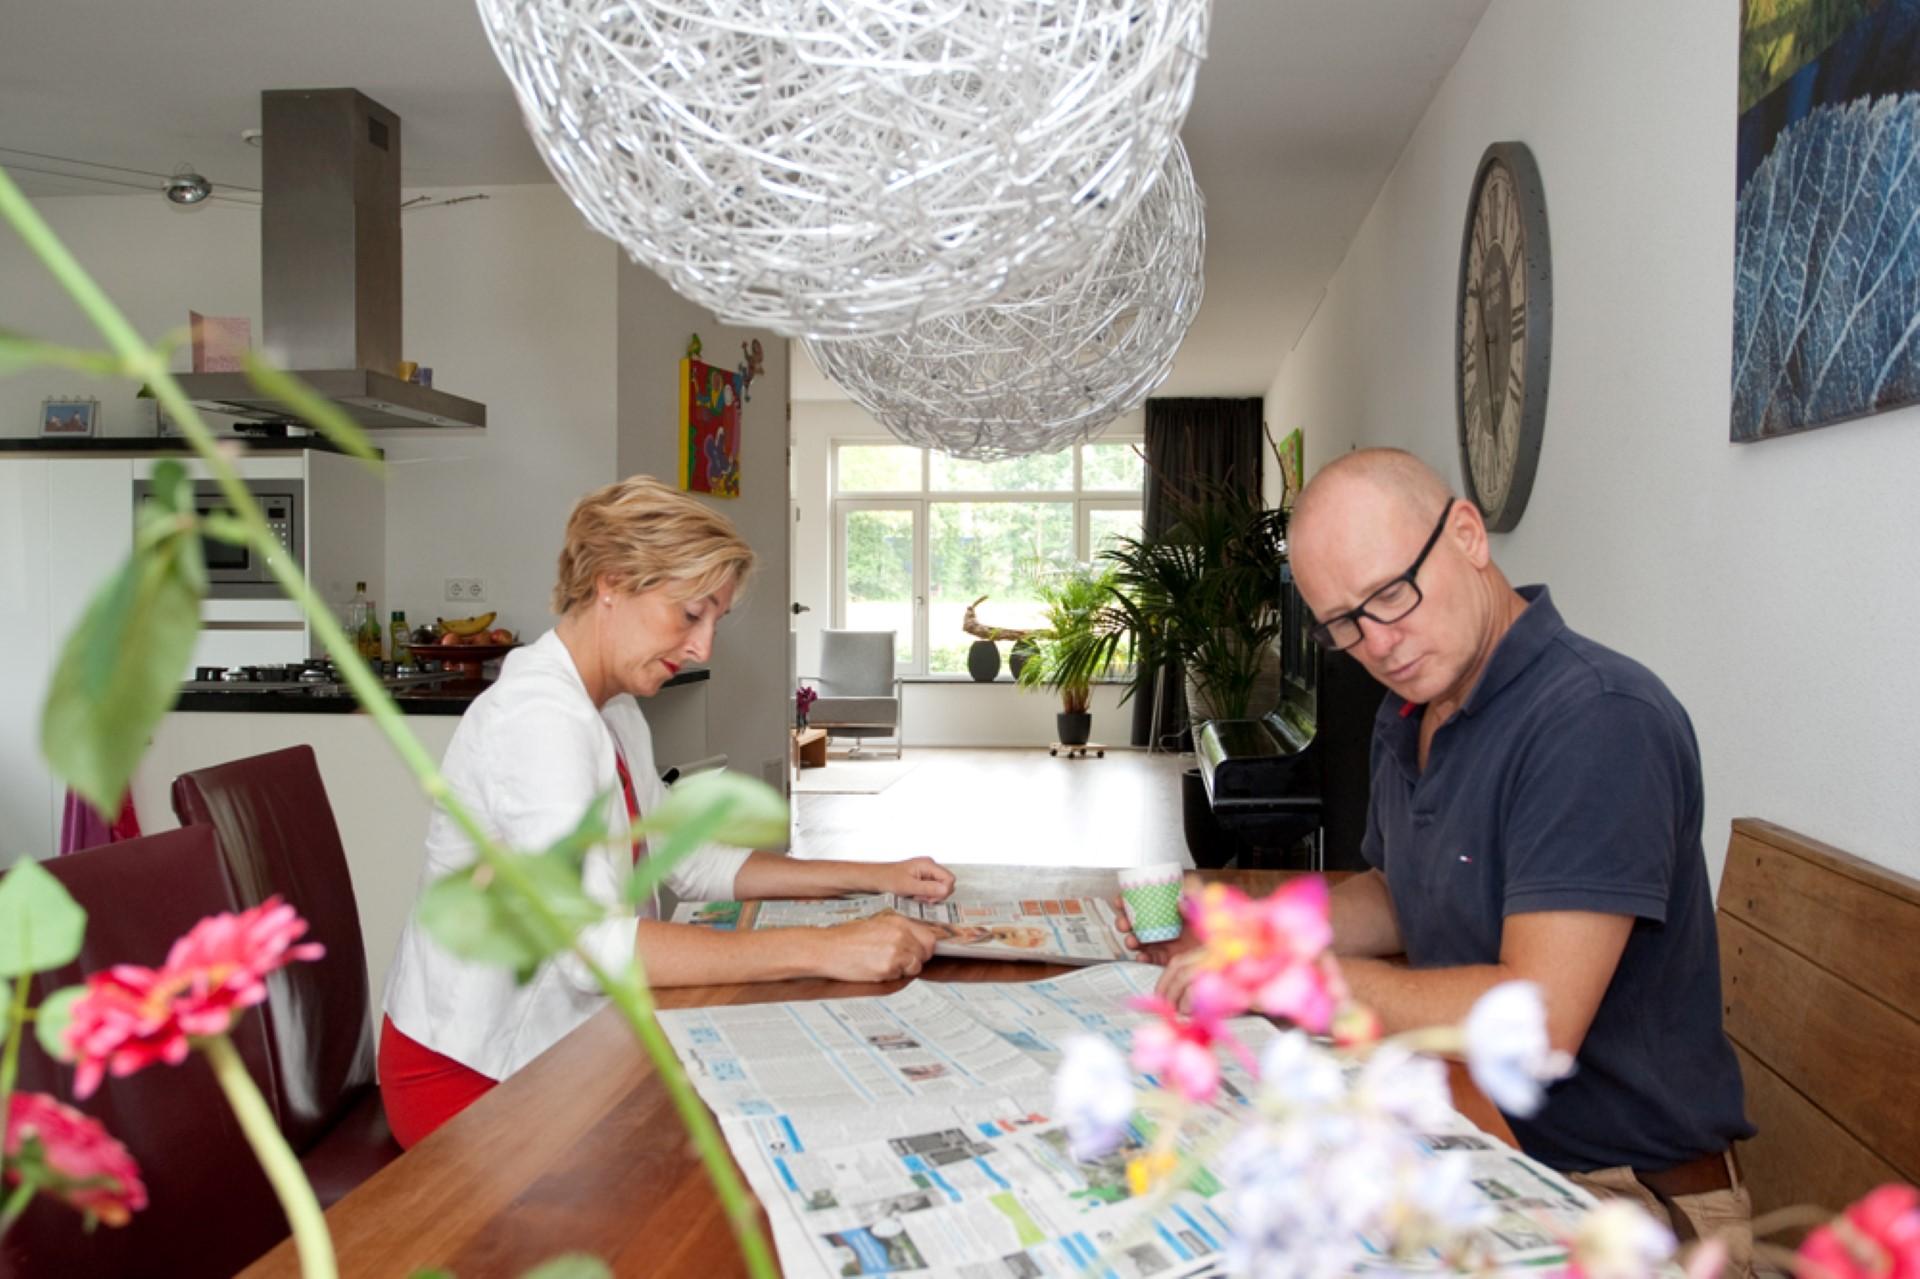 Onze favoriete plek van de dag, lekker aan de krant en koffie aan de eettafel (Adriana en Hans)